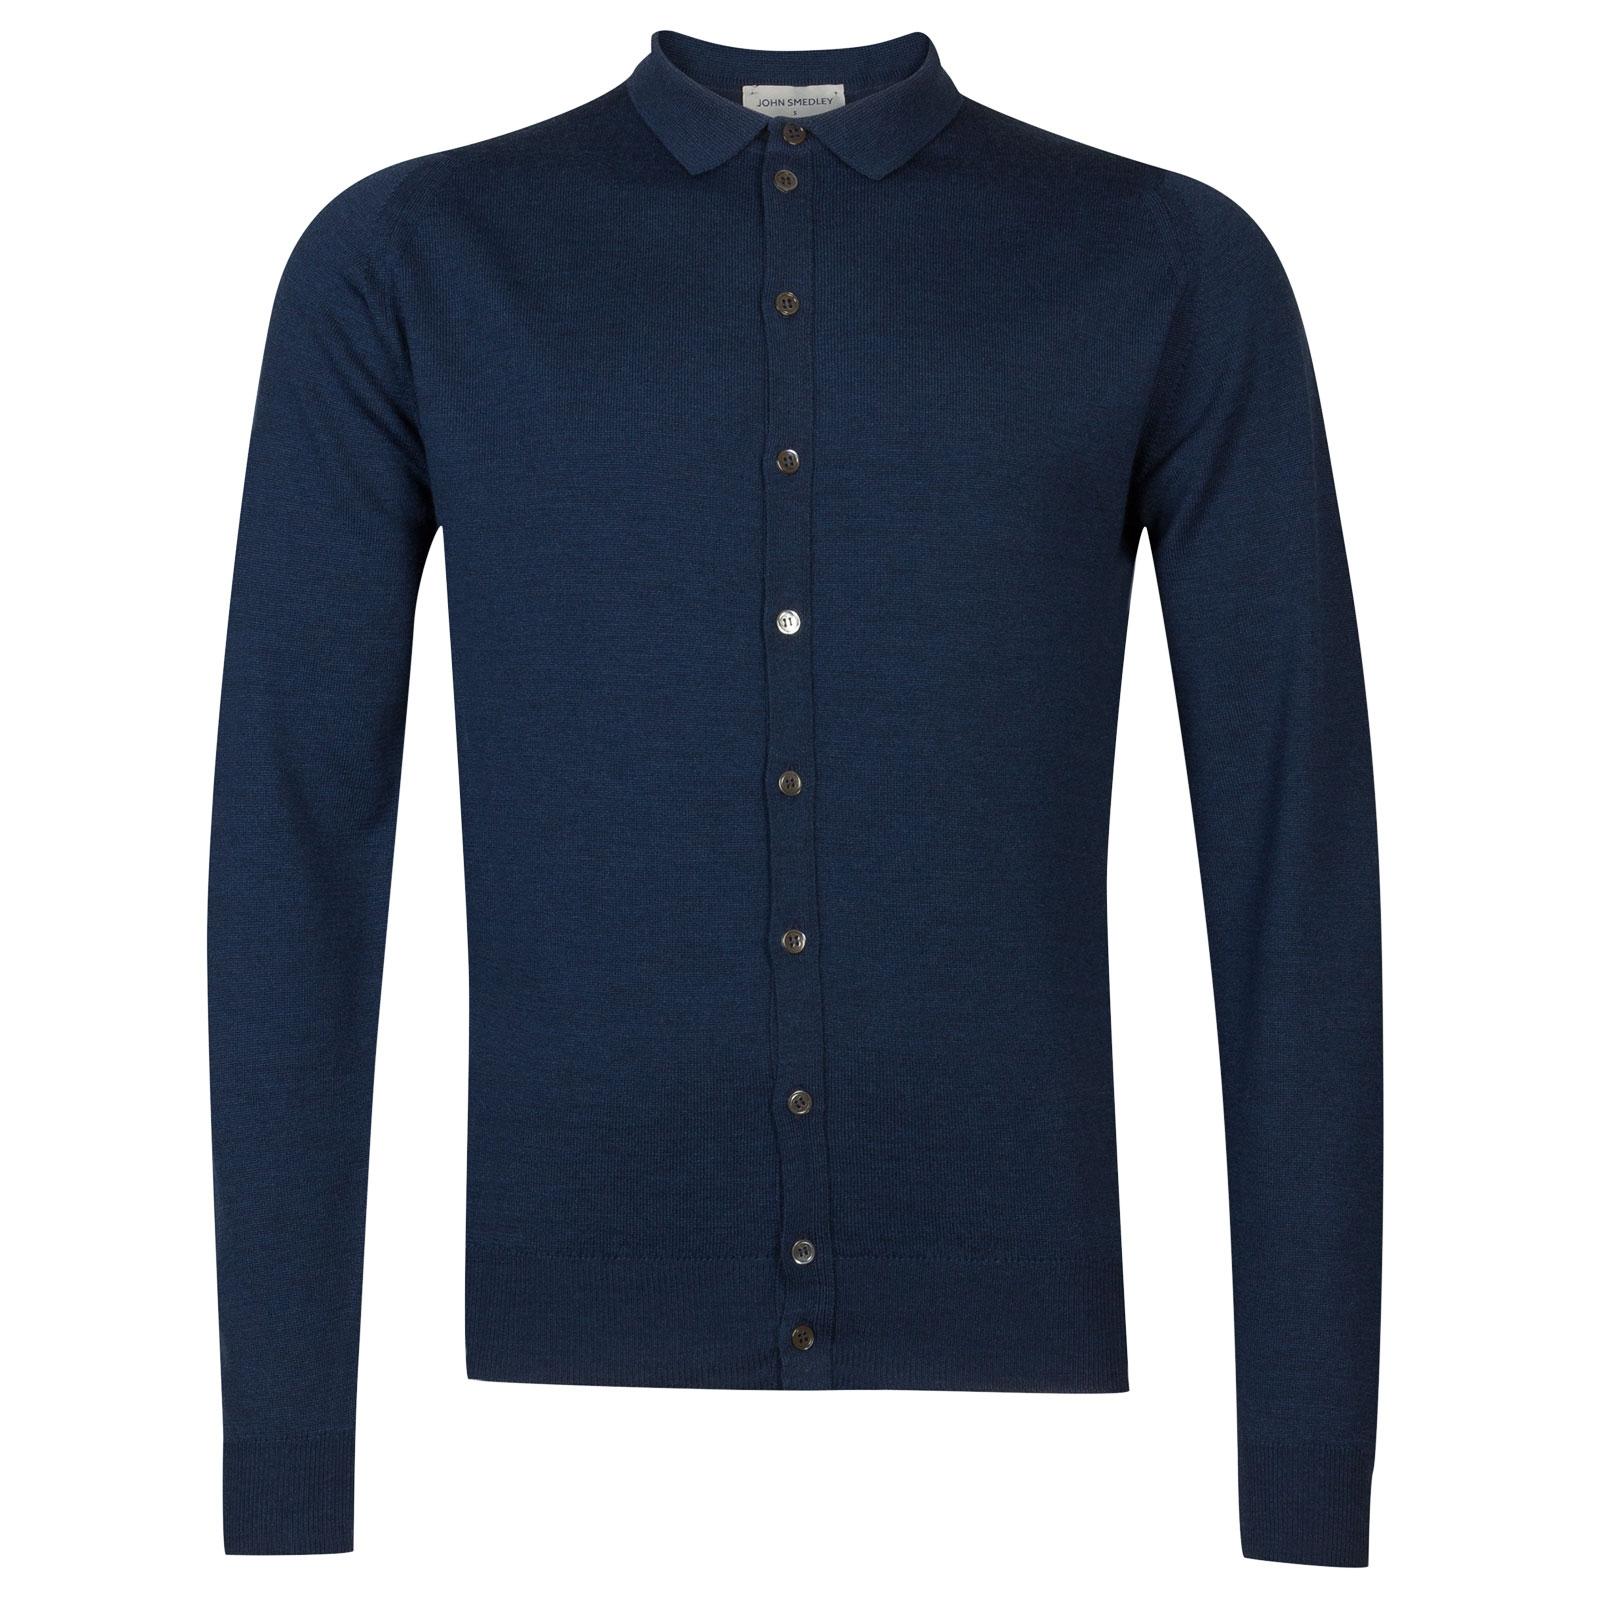 John Smedley Parwish Merino Wool Shirt in Indigo-L